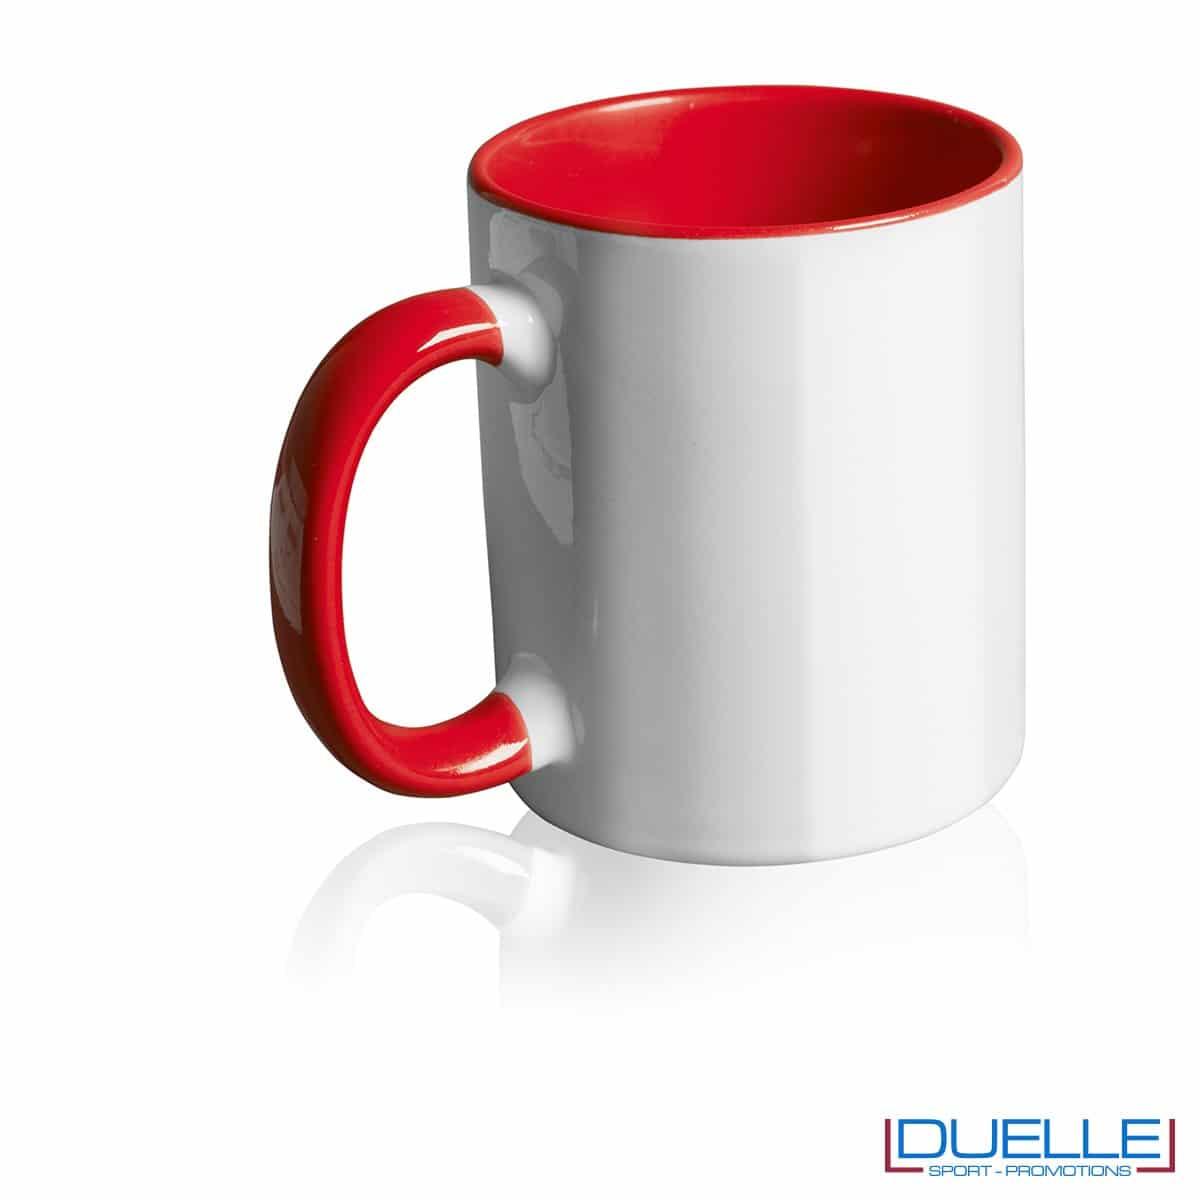 Tazza personalizzata promozionale in ceramica con interni rosso